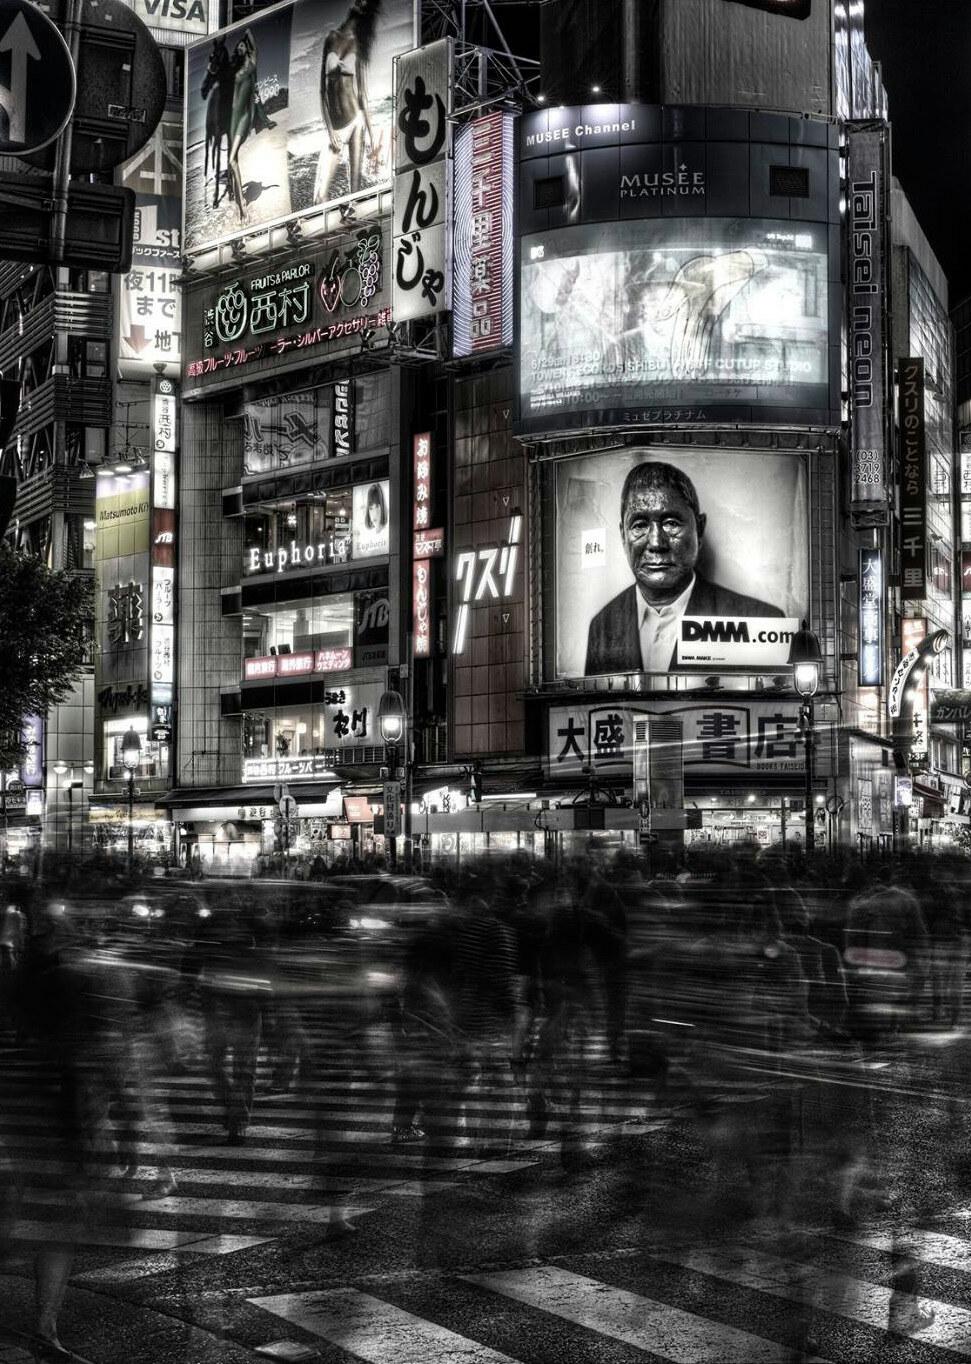 Page 8 of インタビュー:渋谷の街、とどまらない人の流れ